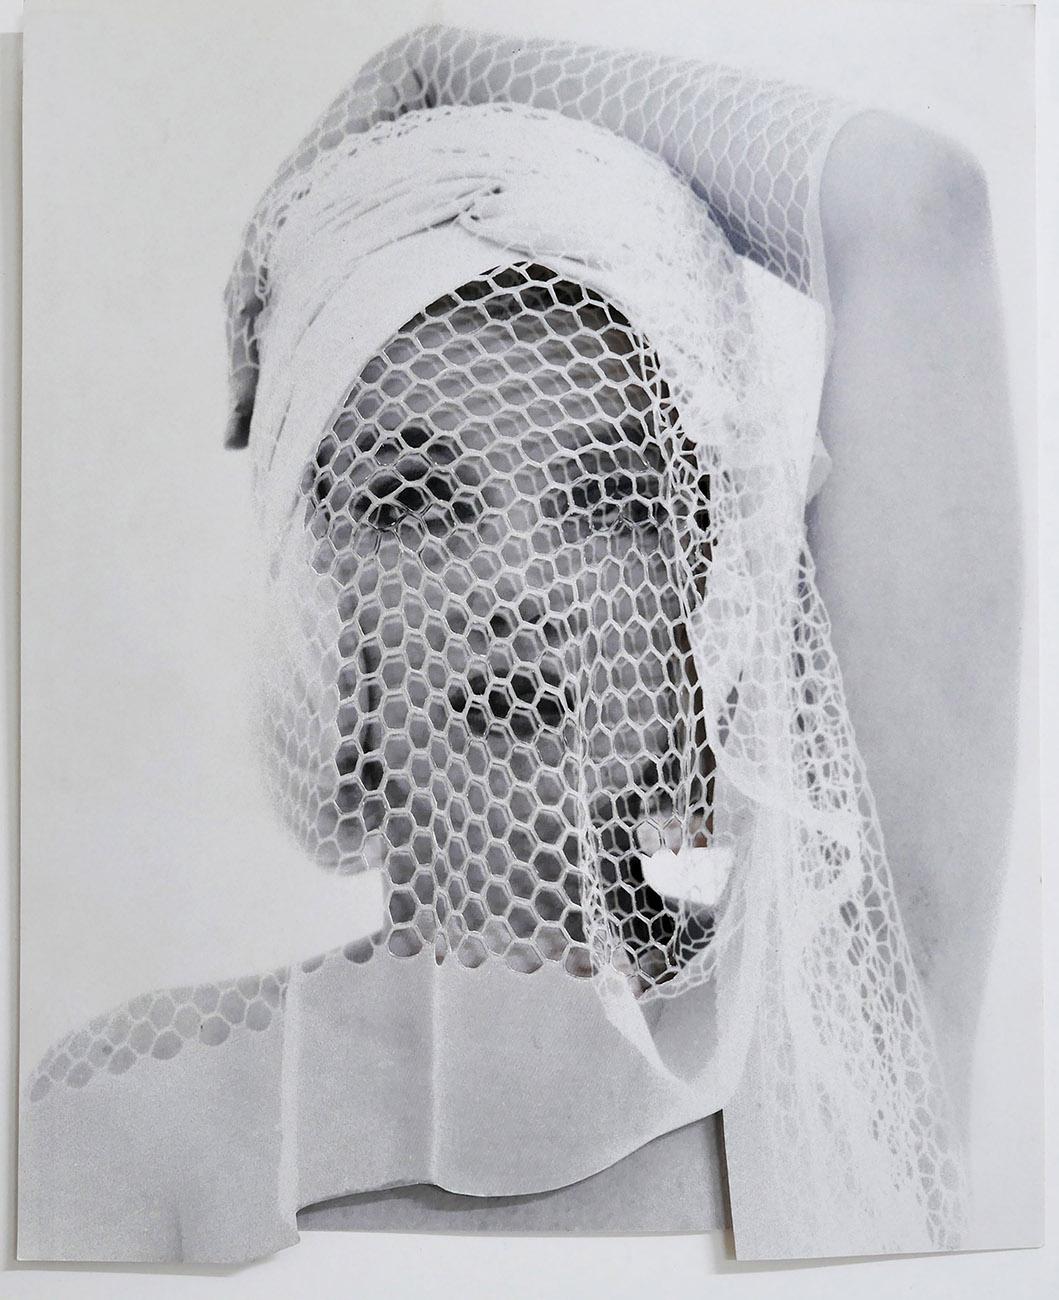 original artworks, affordable art, feminine, support, collect young art, djane,